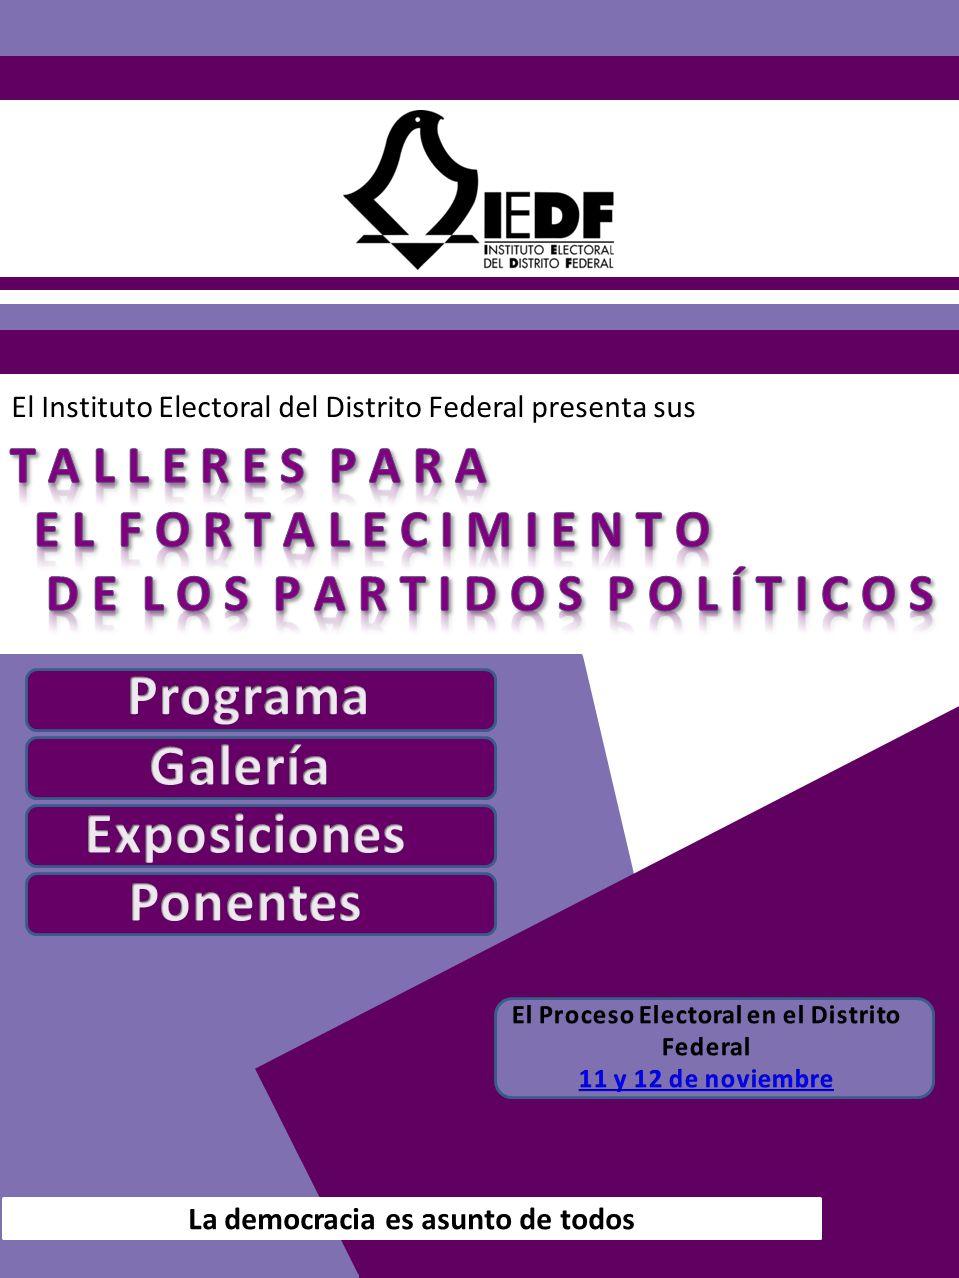 El Instituto Electoral del Distrito Federal presenta sus La democracia es asunto de todos